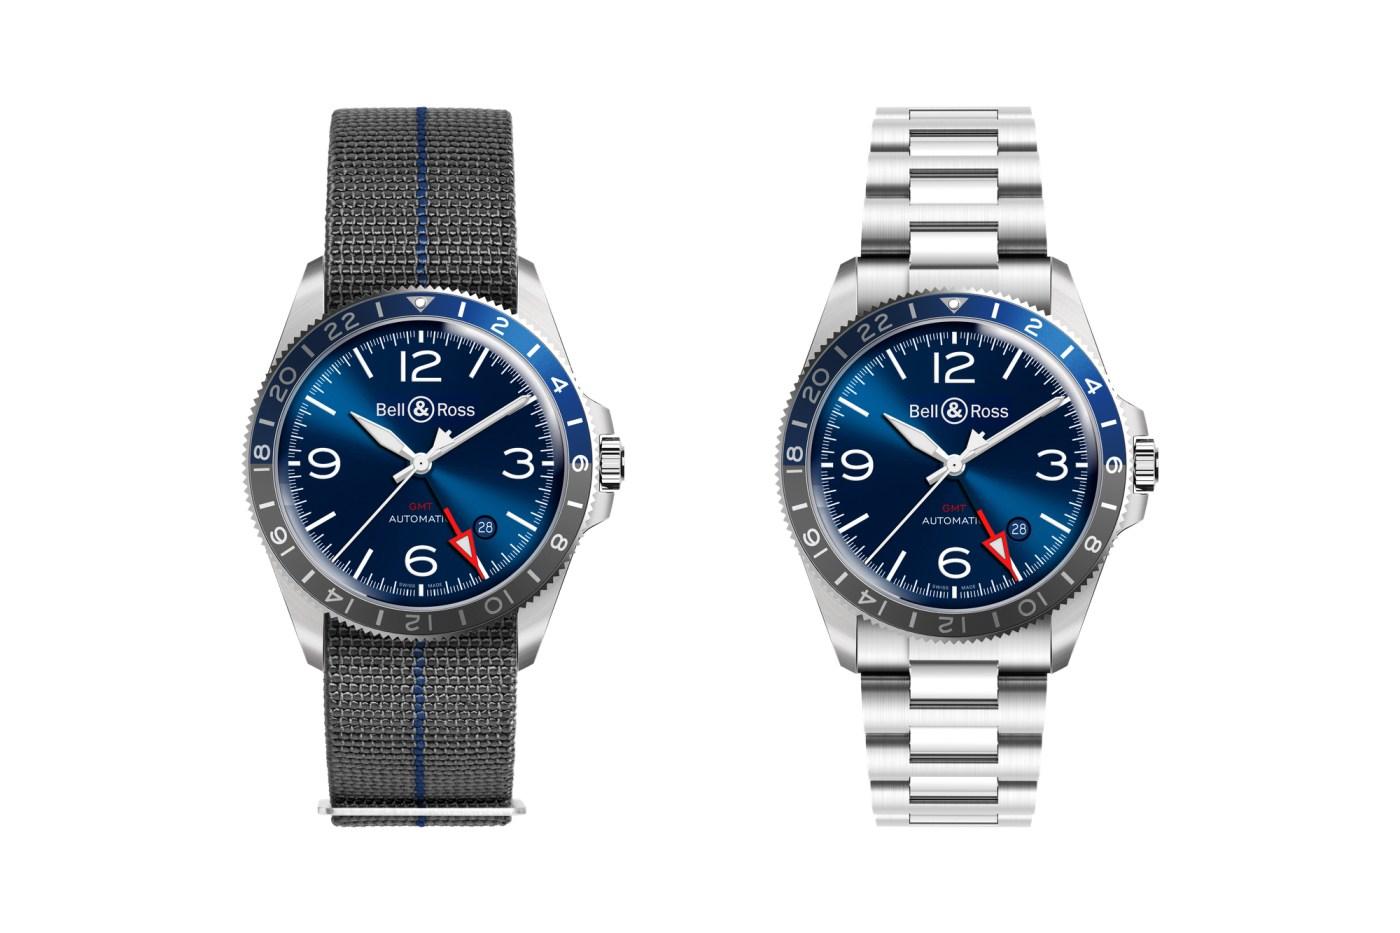 Bell & Ross BR V2-93 GMT Blue strap vs bracelet